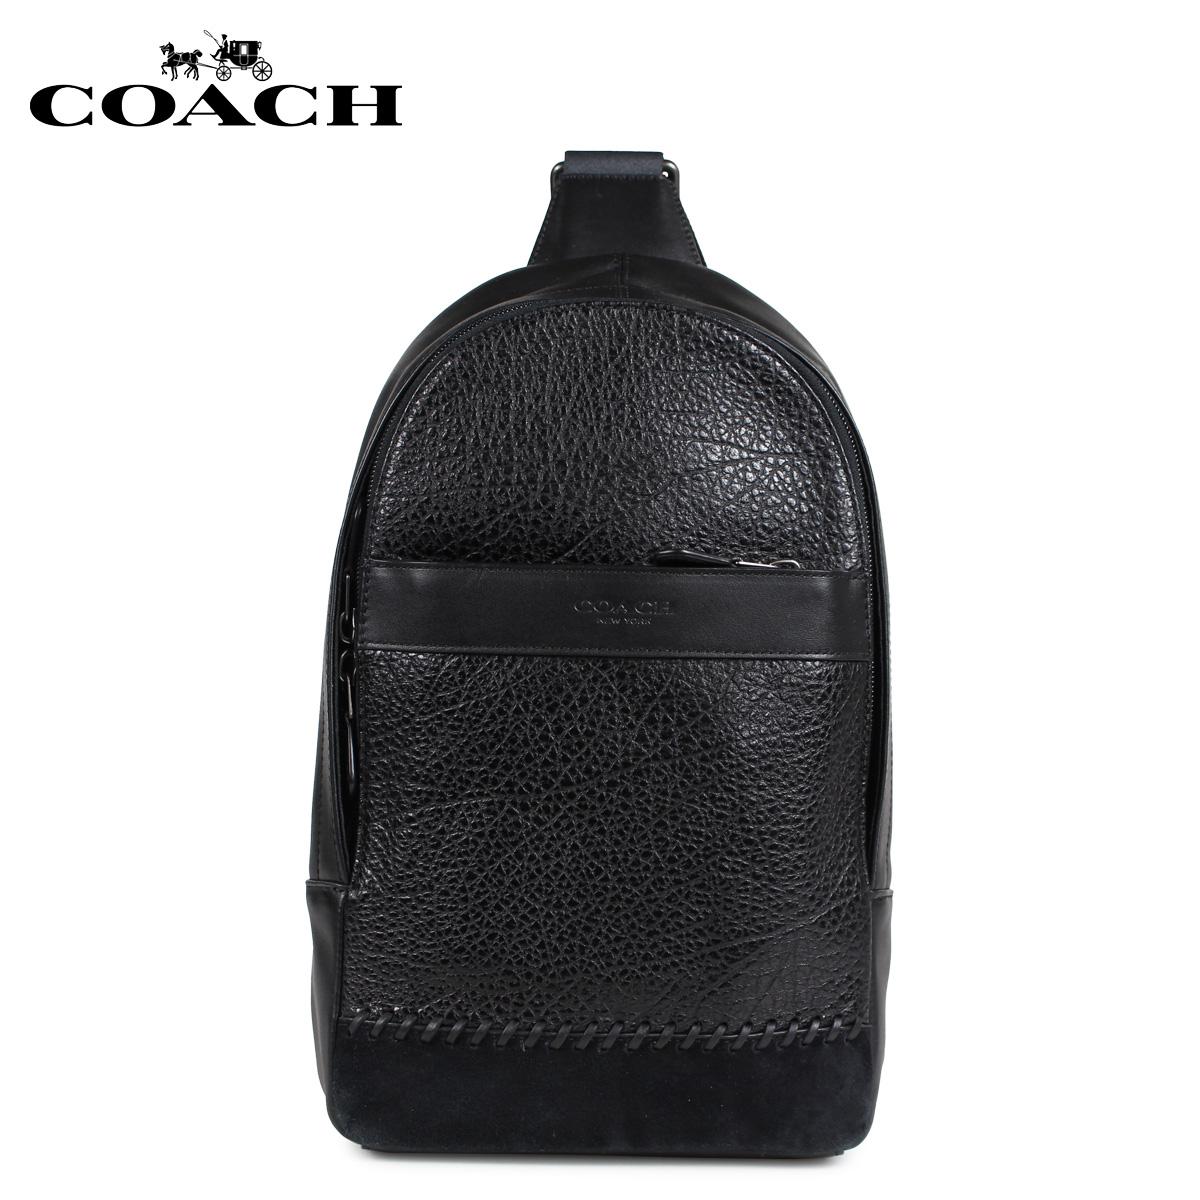 COACH F11236 コーチ バッグ ショルダーバッグ ボディバッグ メンズ レザー ブラック 黒 [3/8 新入荷]